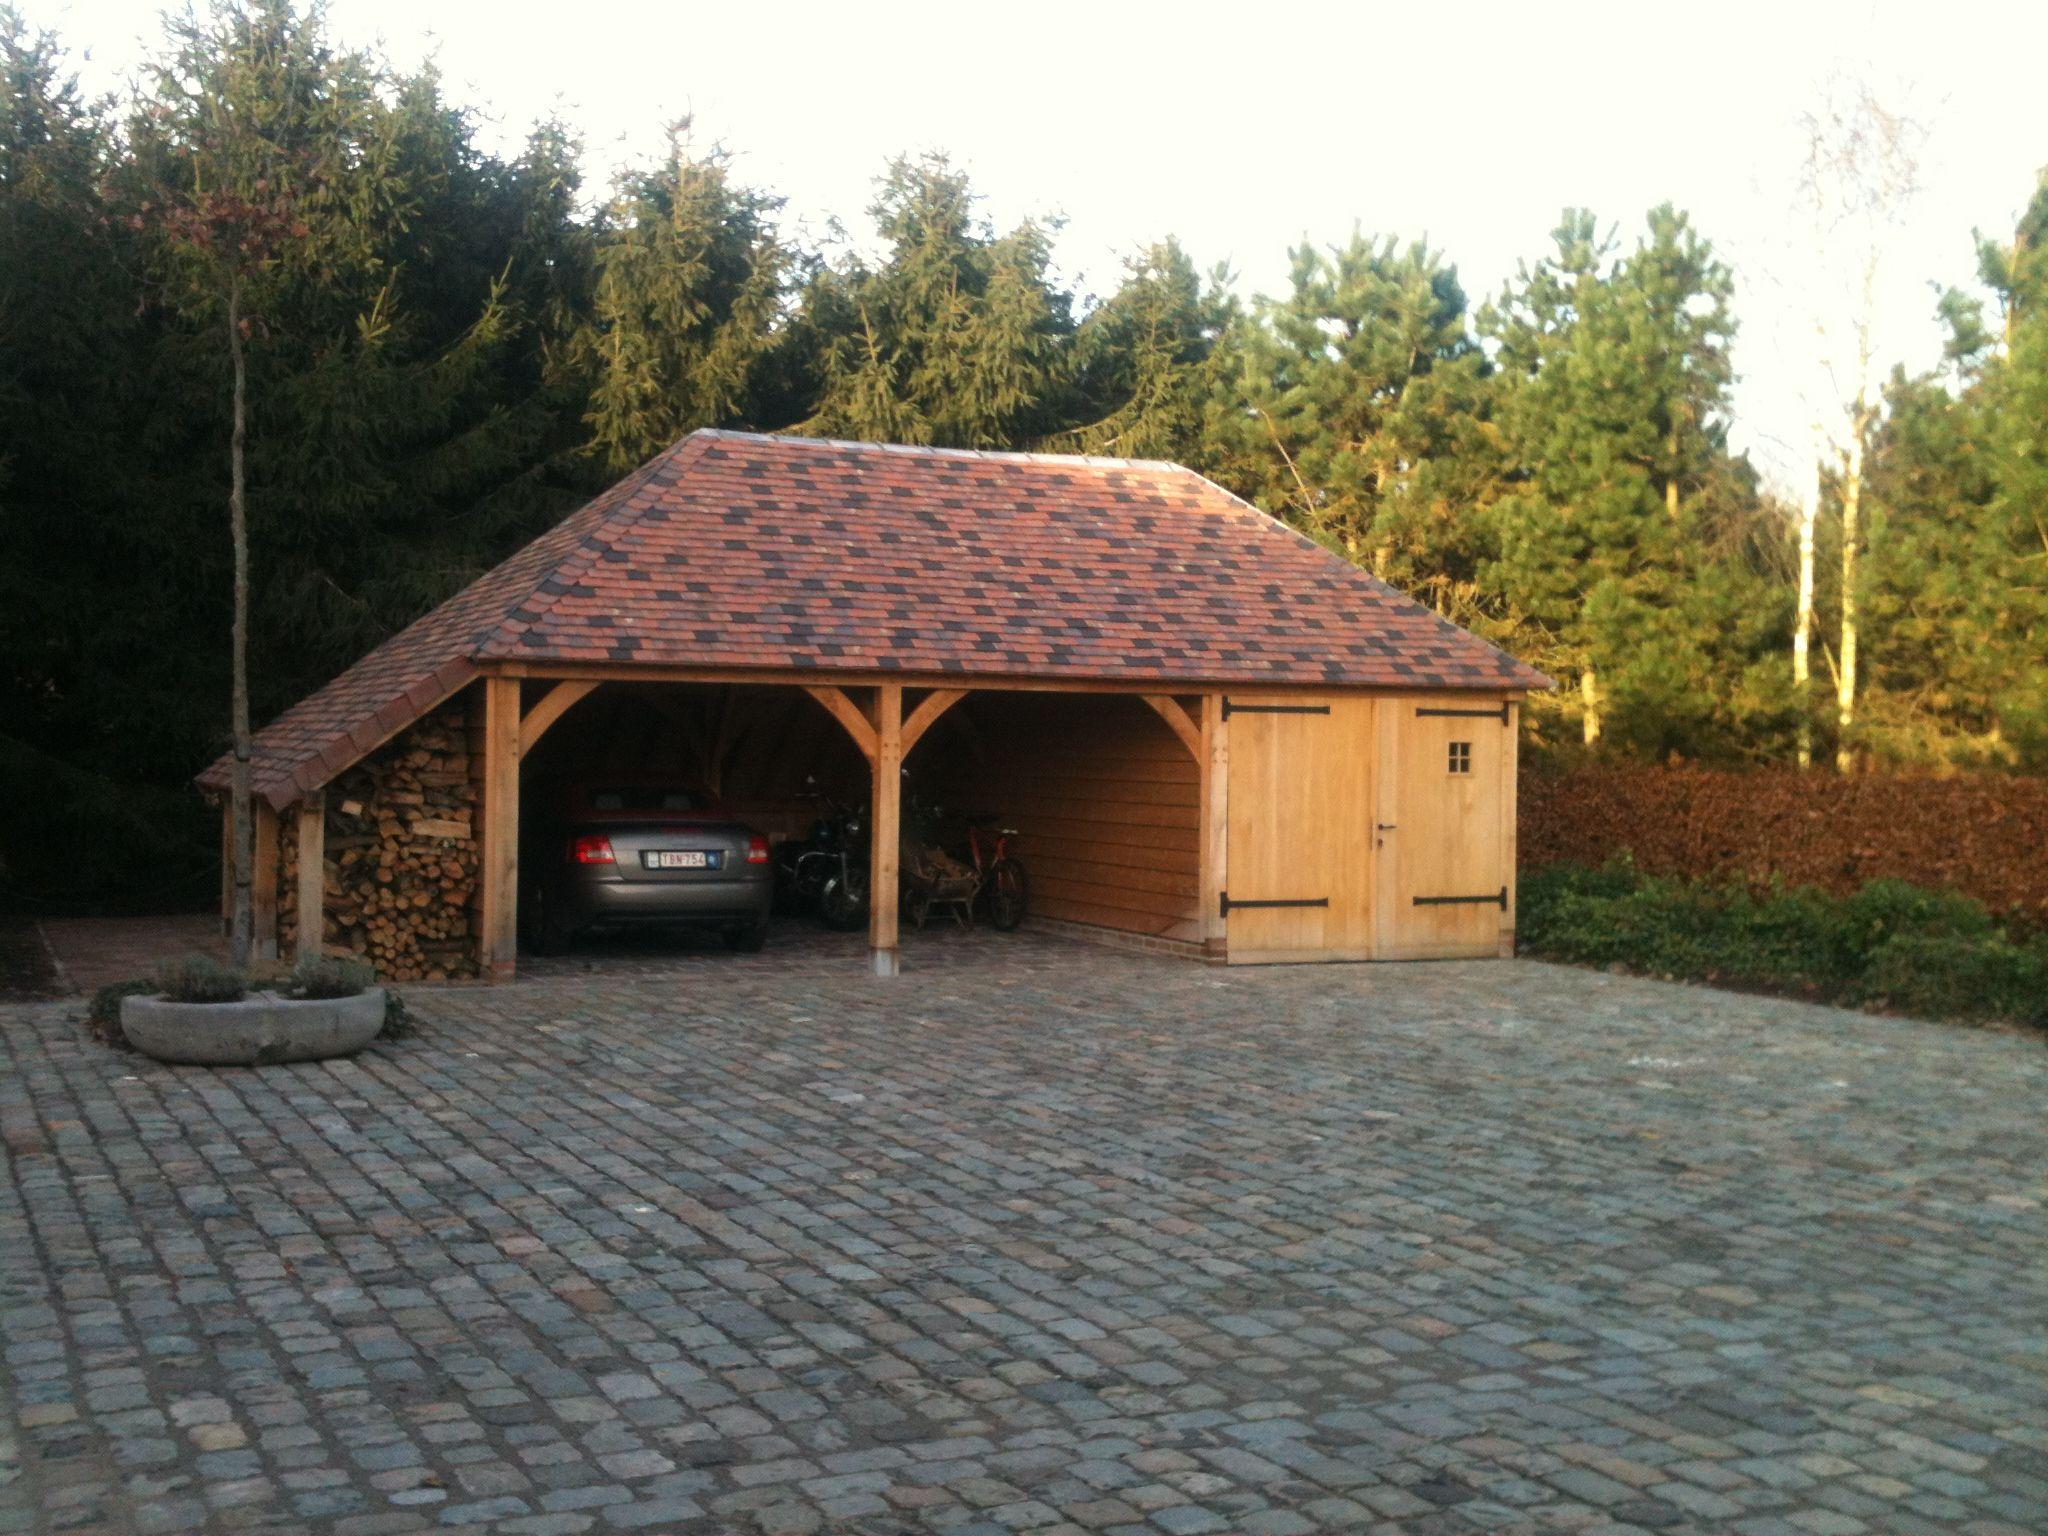 Garage Met Carport : Dubbele carport met garage en houtberging. het gebouw is afgewerkt